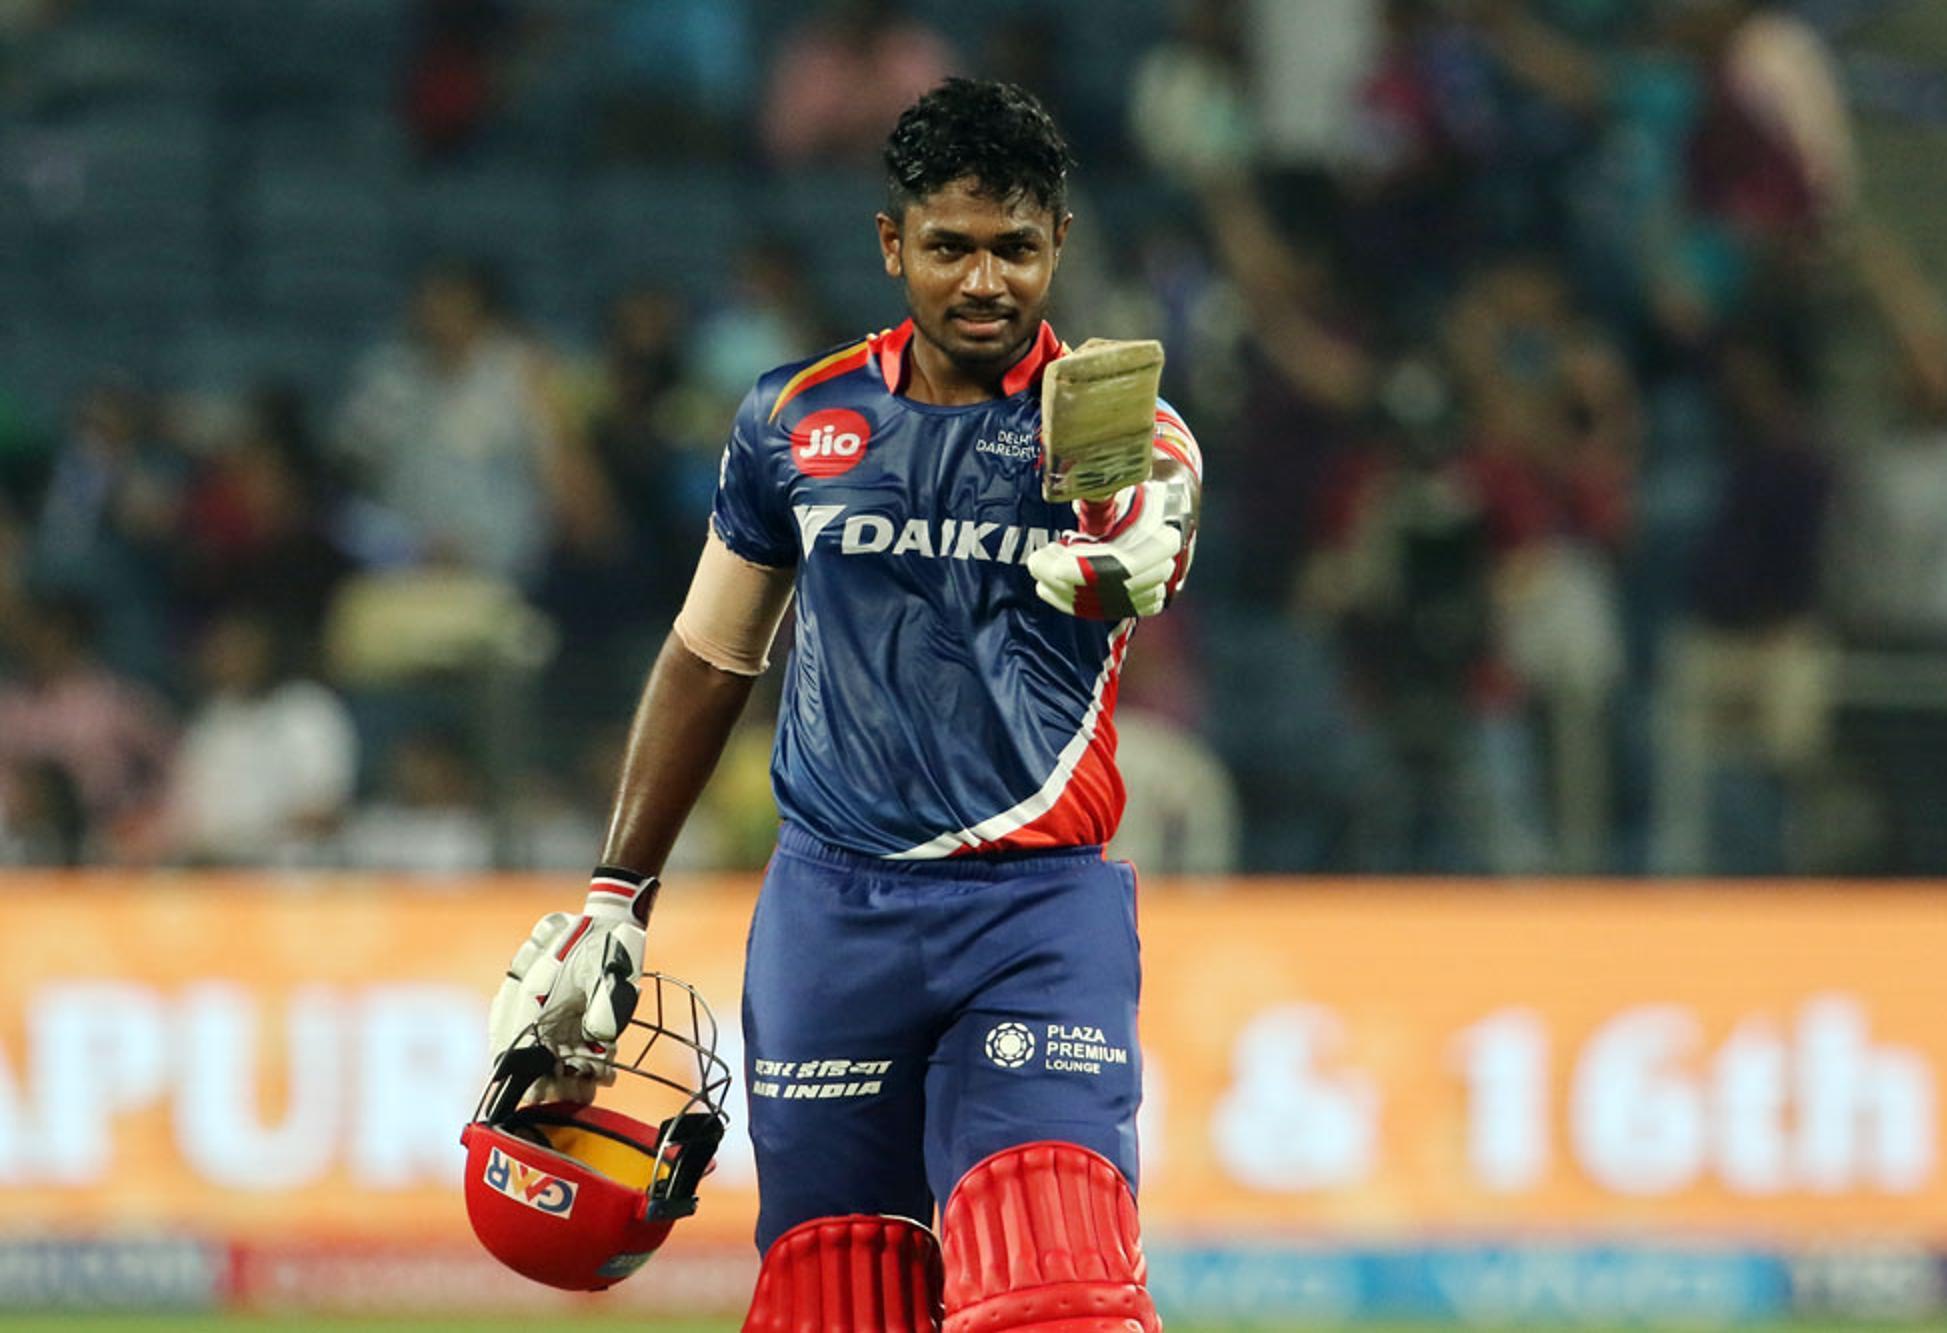 इस साल के आईपीएल का पहला शतक लगाने के बाद पहली बार बोले संजू सैमसन